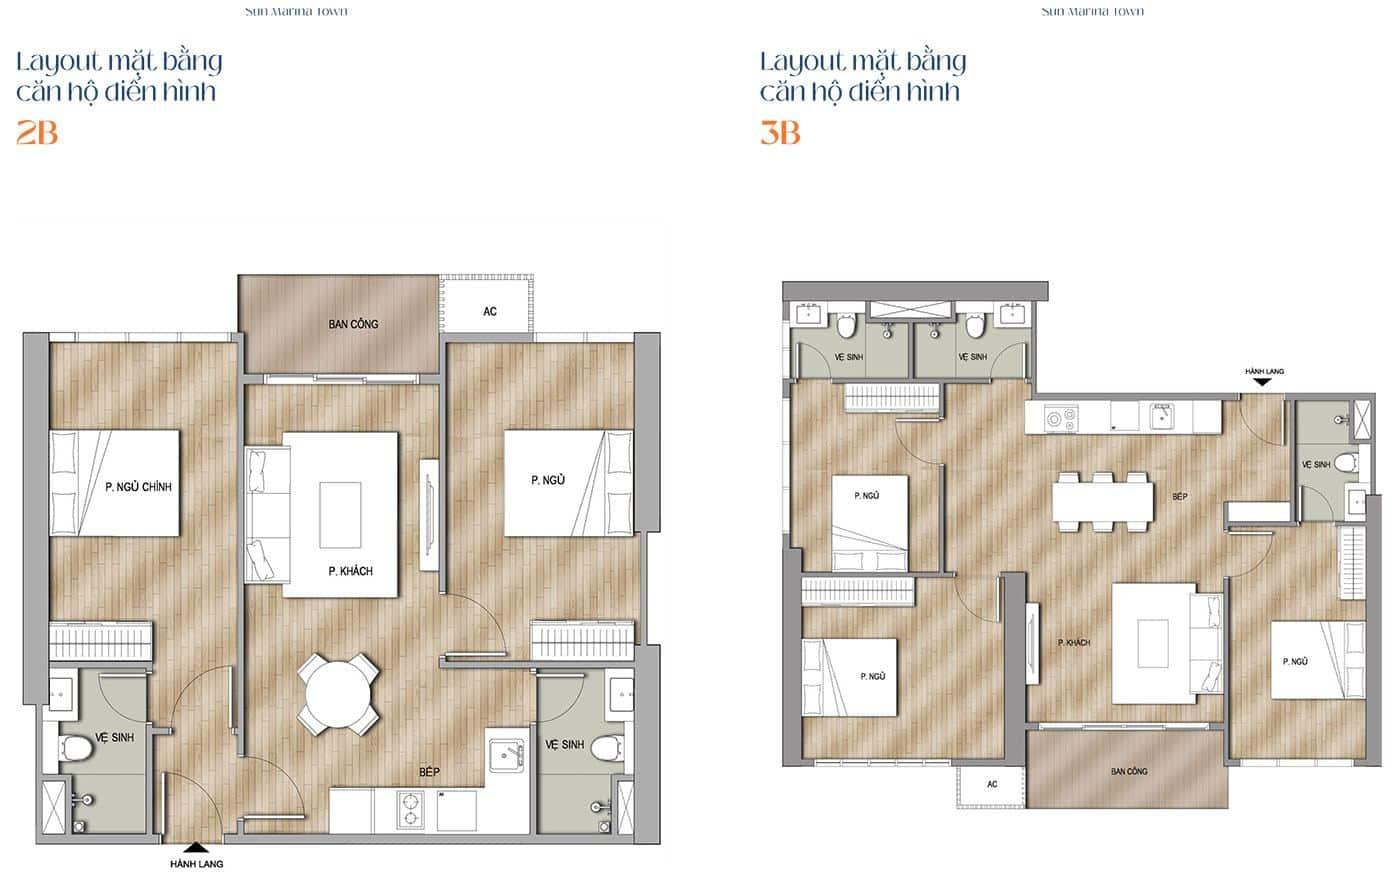 Mặt bằng thiết kế căn hộ 2 phòng ngủ + 3 phòng ngủ.